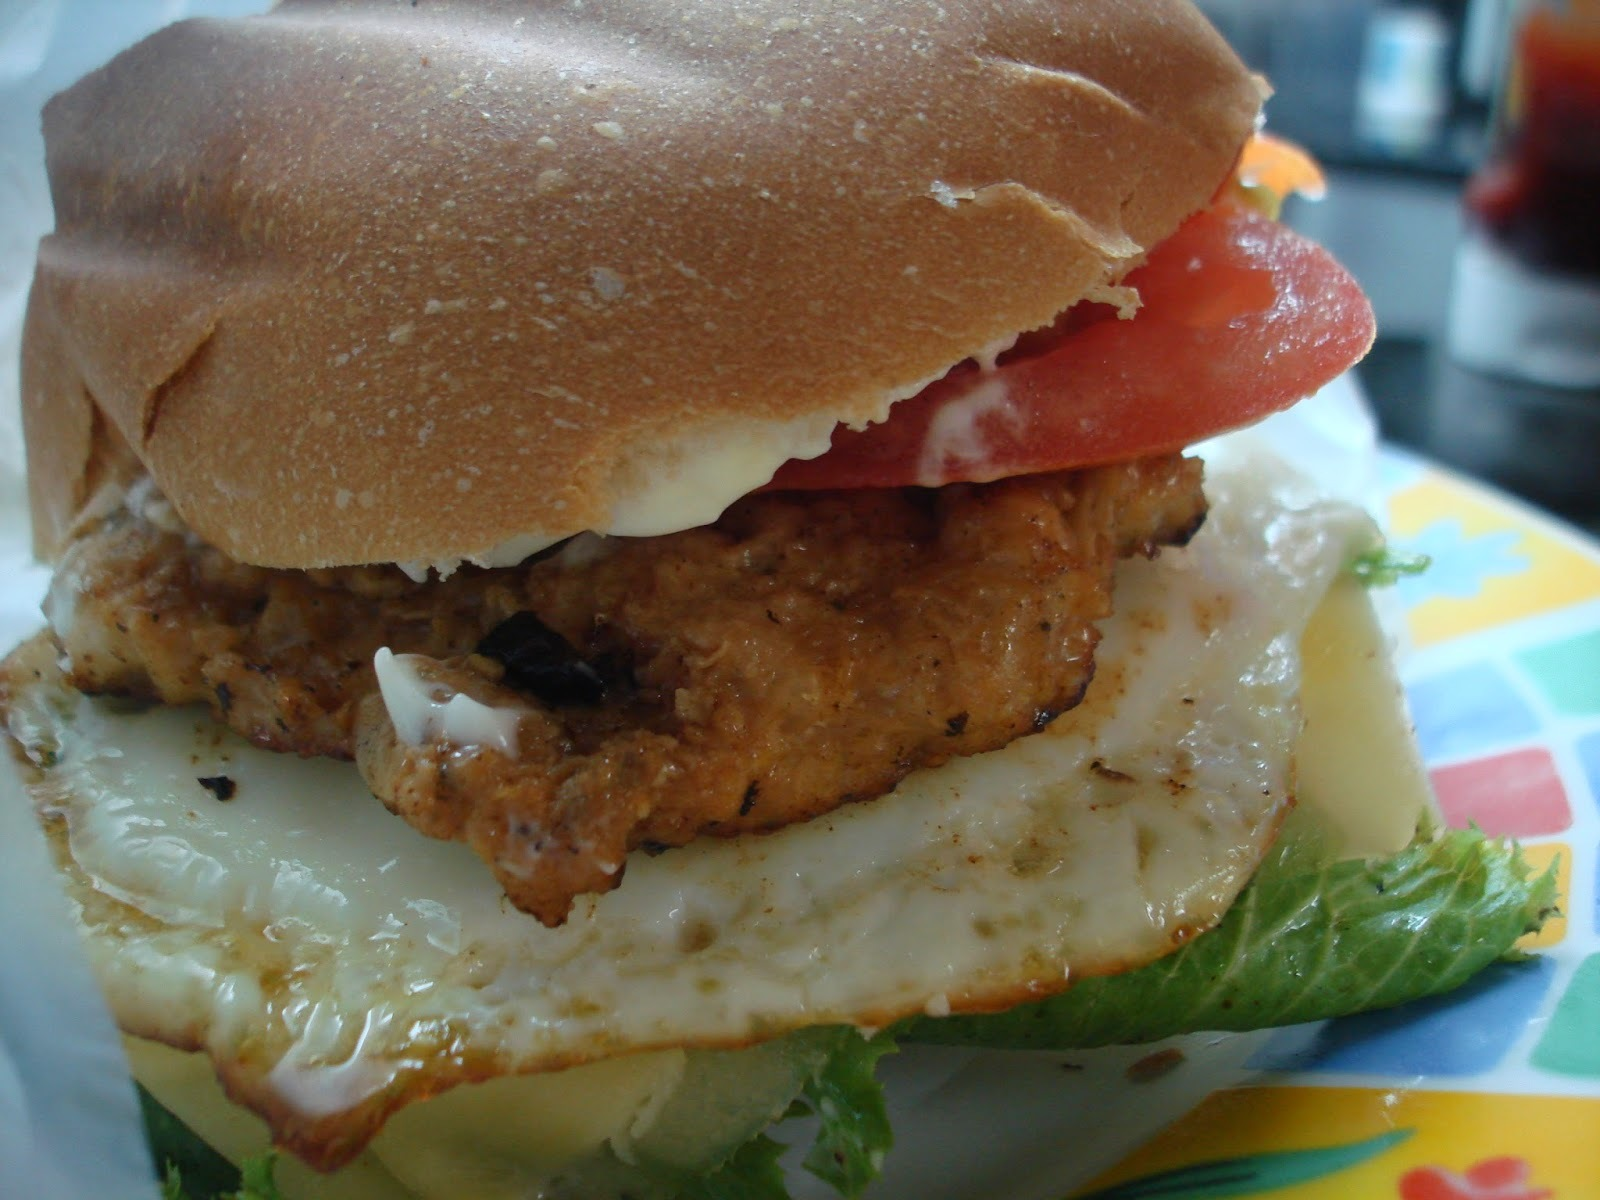 Hambúrguer de Frango com Aveia e Ervas: ficou bem saboroso e saudável! Pode ser com carne ou outras variações também!